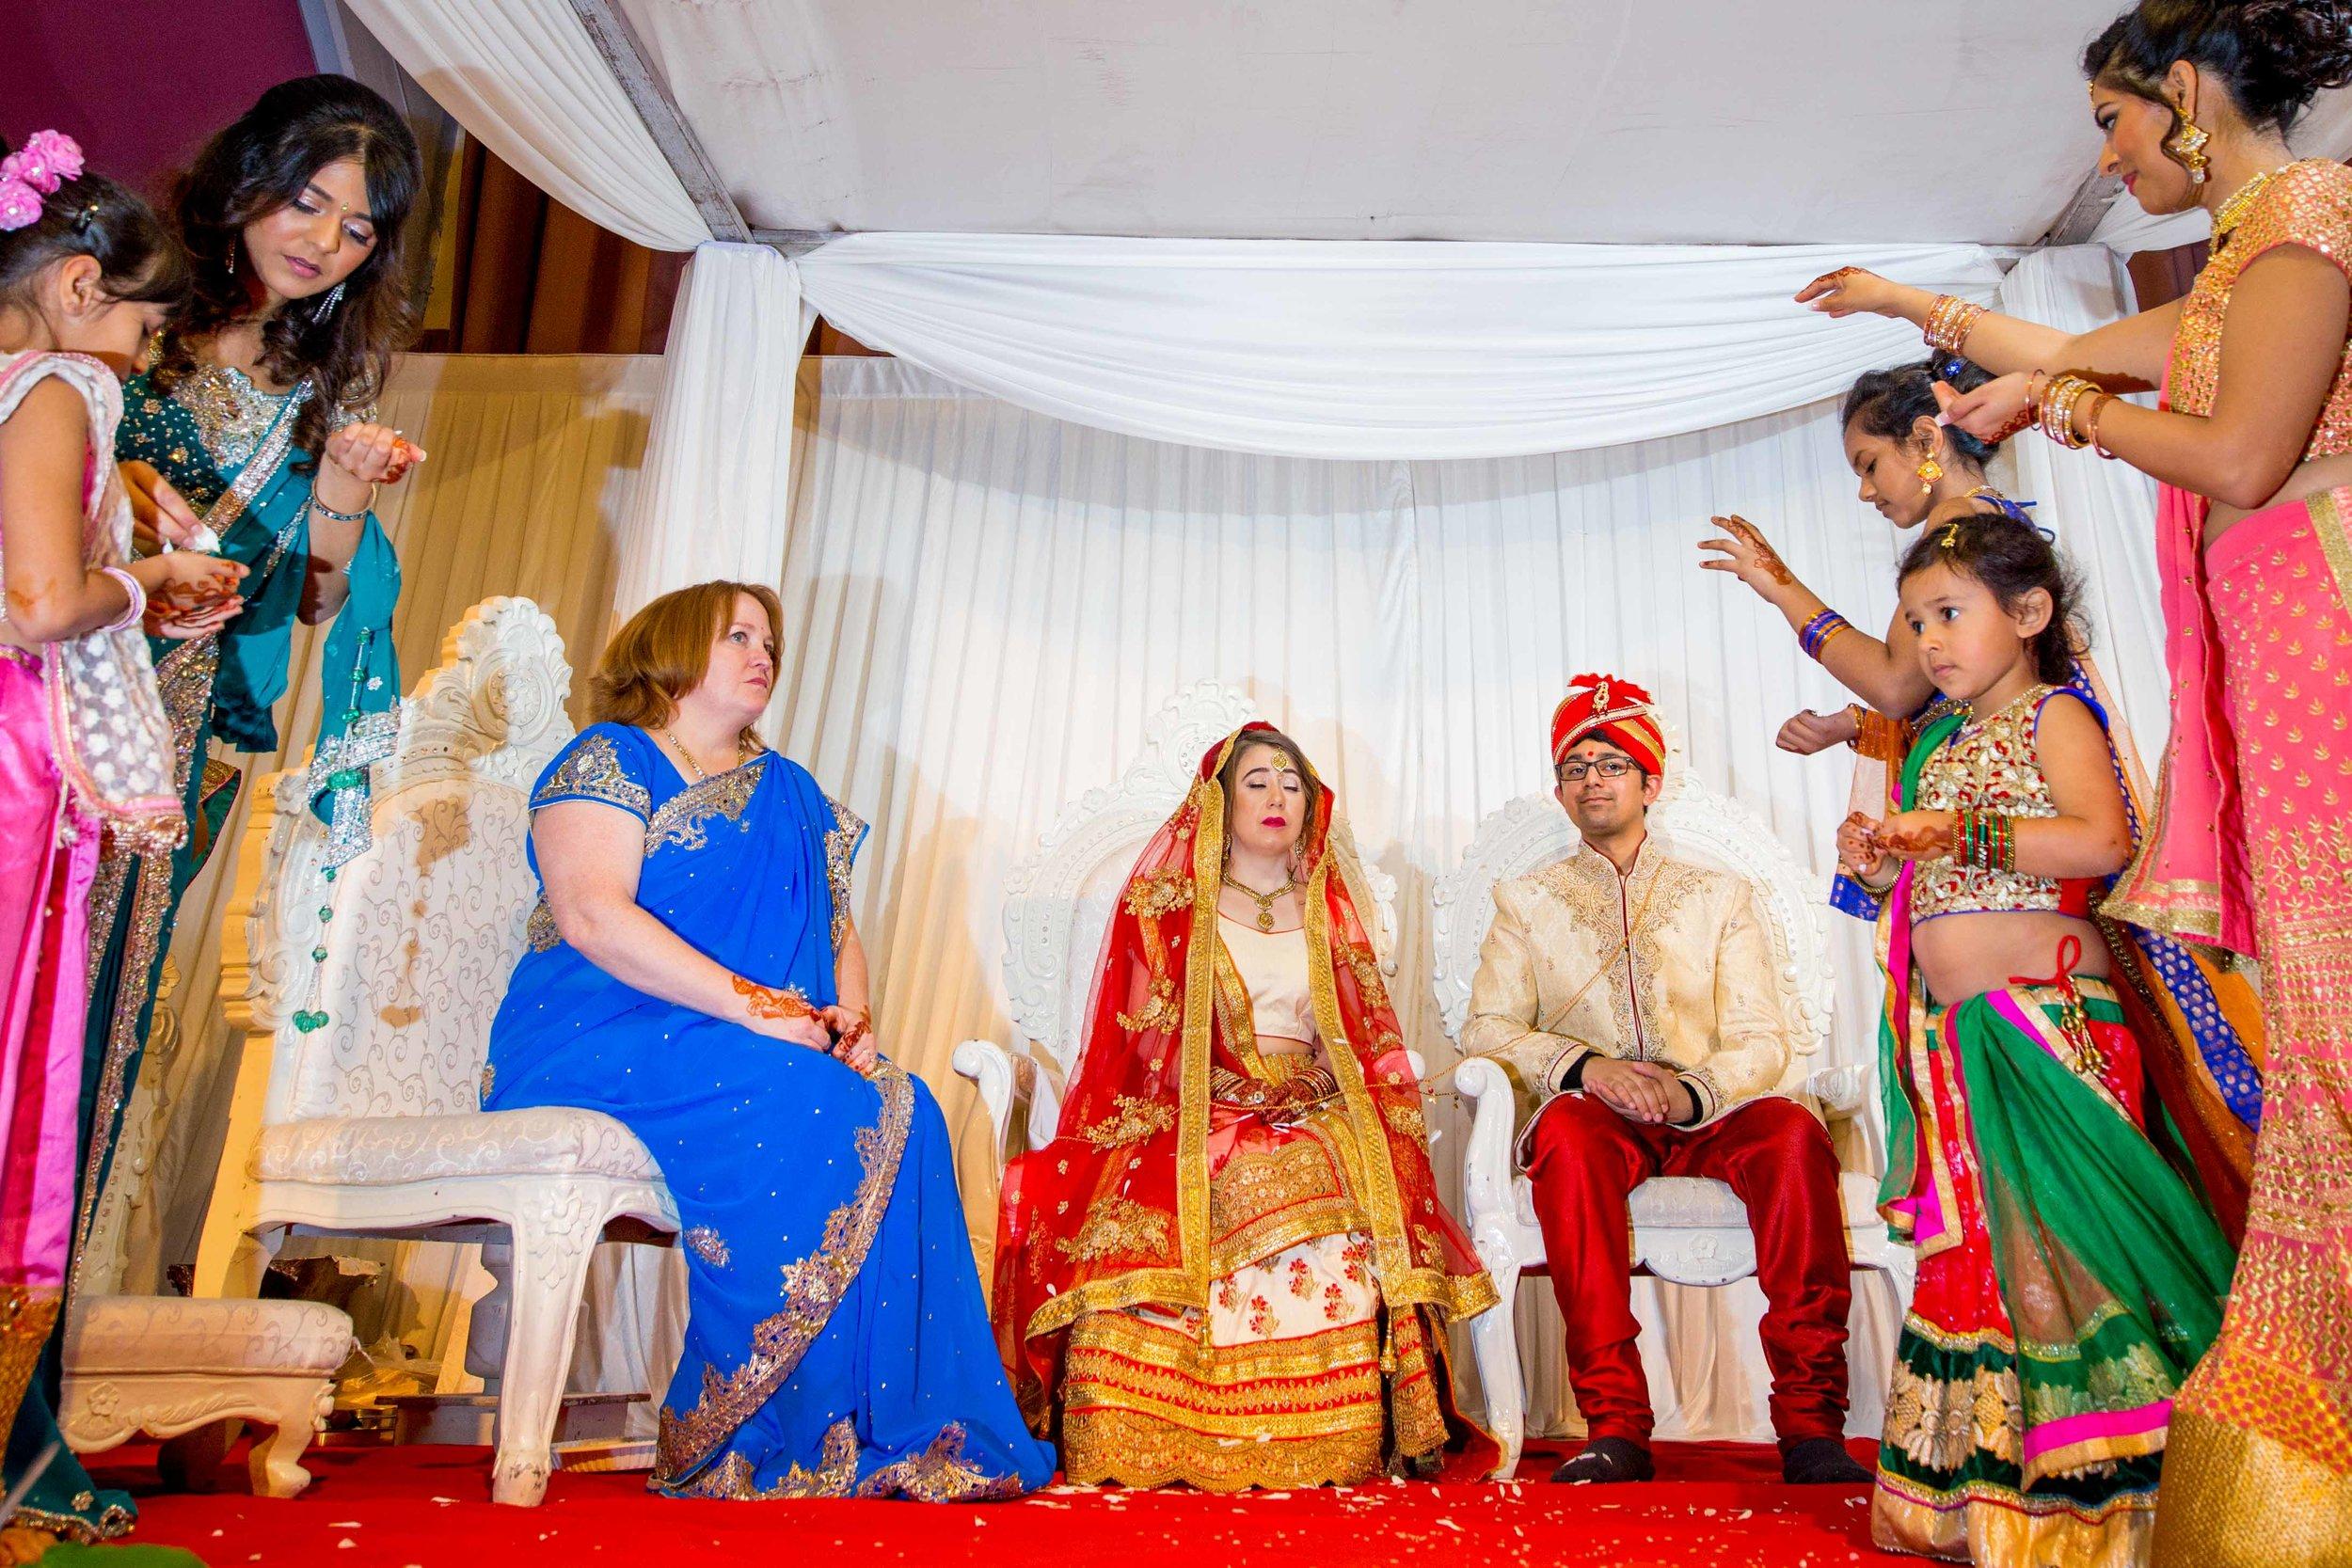 asian-Hindu-wedding-photographer-birmingham-abbey-park-leicester-natalia-smith-photography-32.jpg